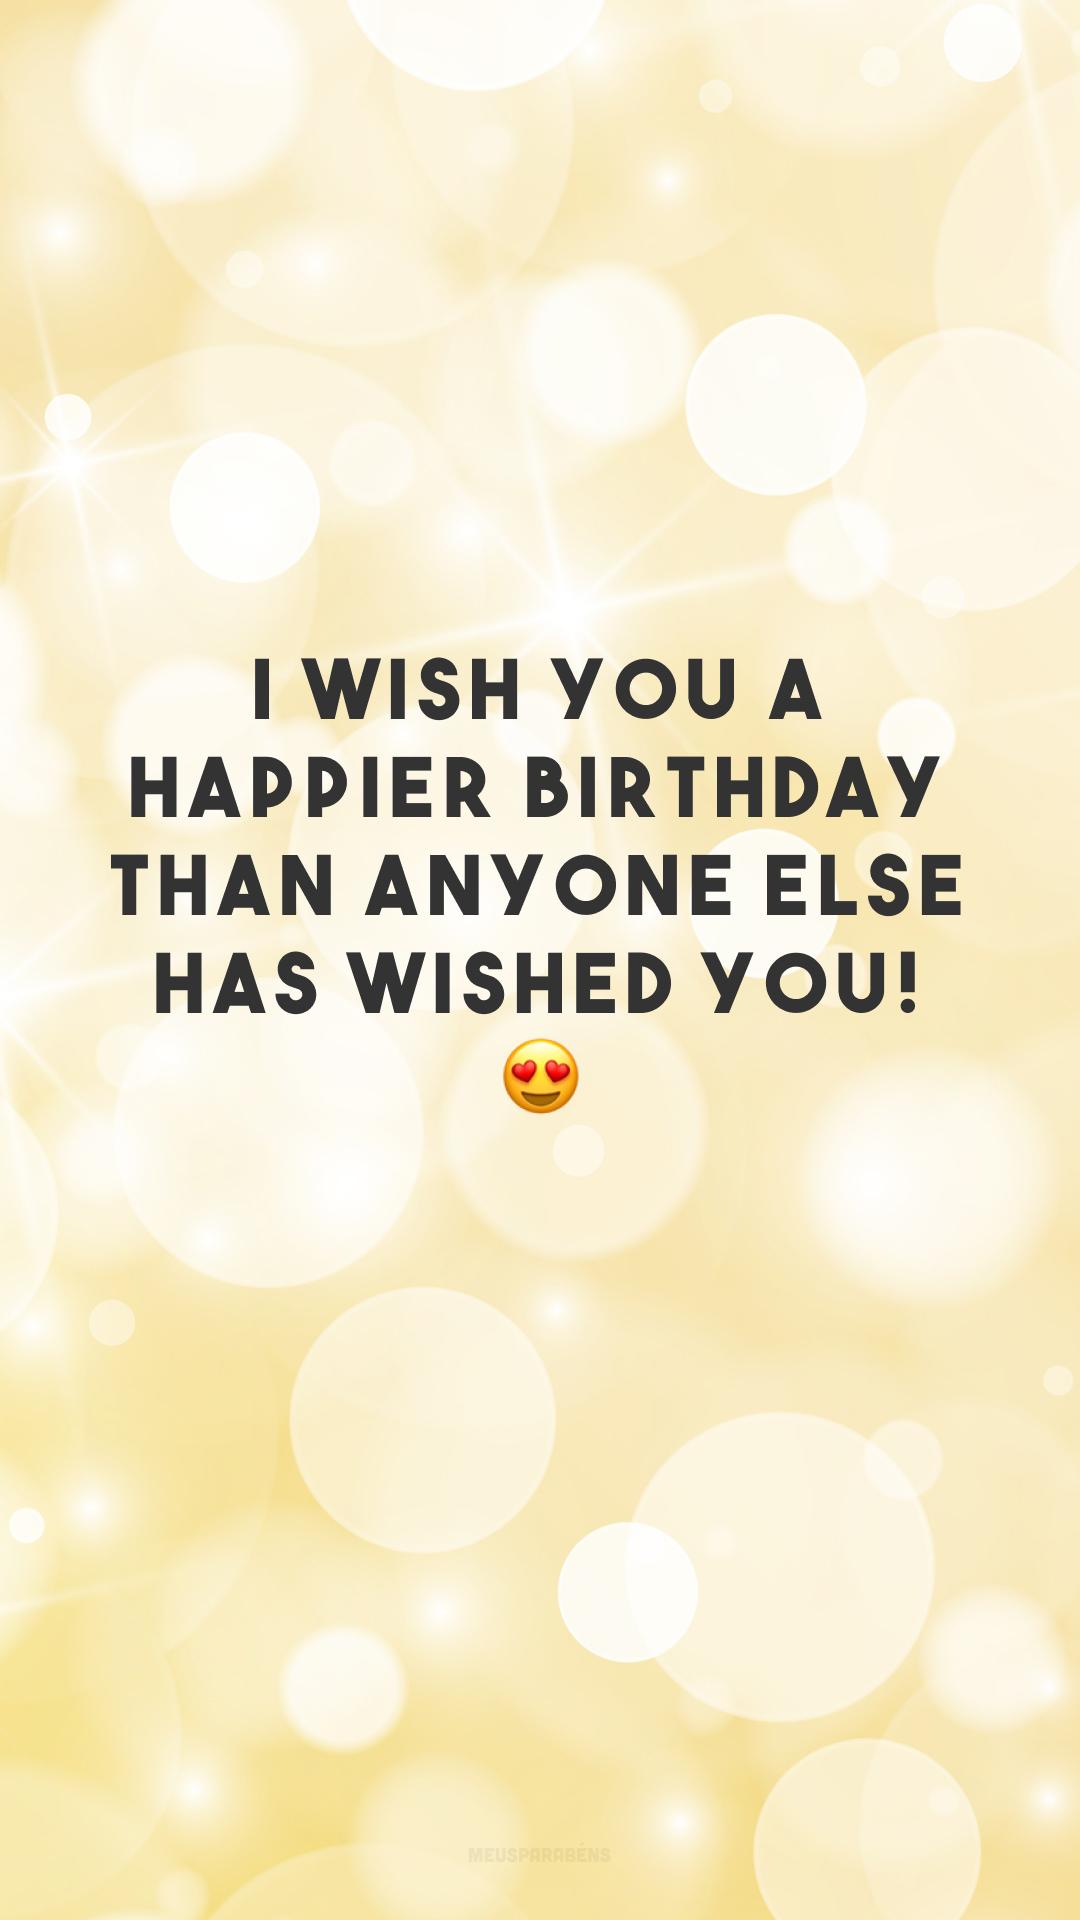 I wish you a happier birthday than anyone else has wished you! 😍 (Desejo a você um aniversário mais feliz do que qualquer pessoa tenha desejado!)